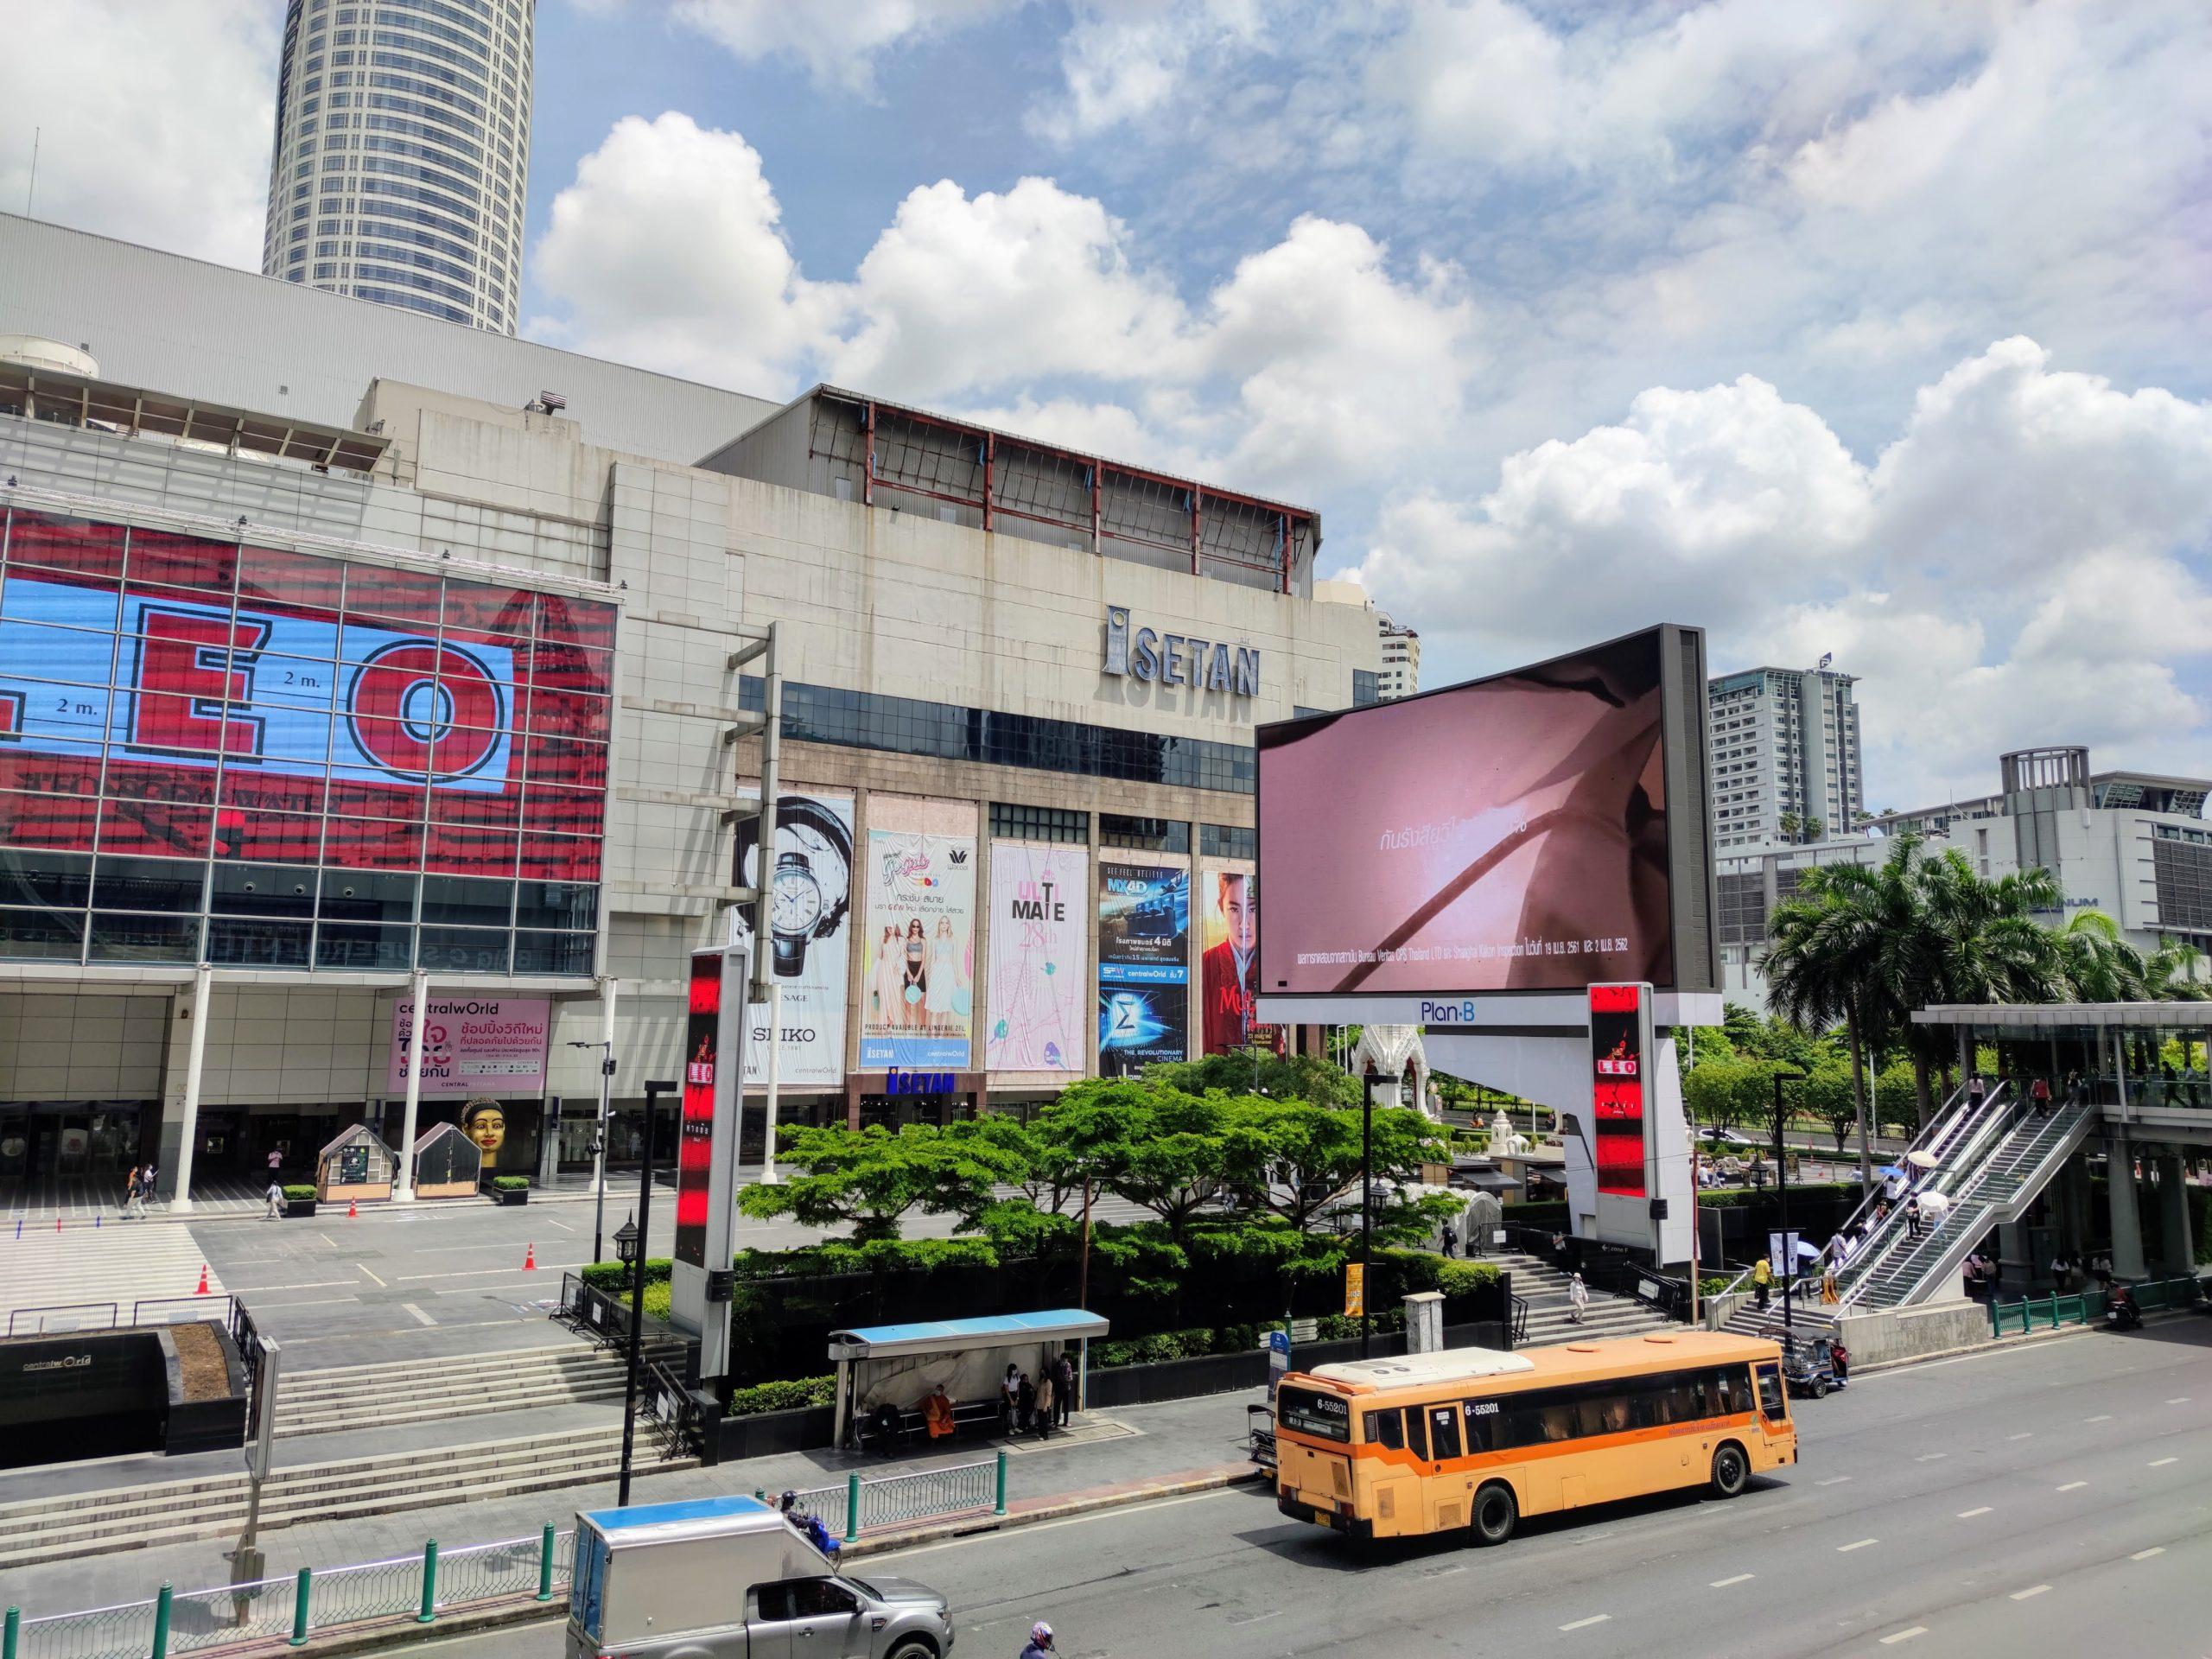 閉店】2020年8月末で閉店「バンコク伊勢丹」で閉店セールが開催